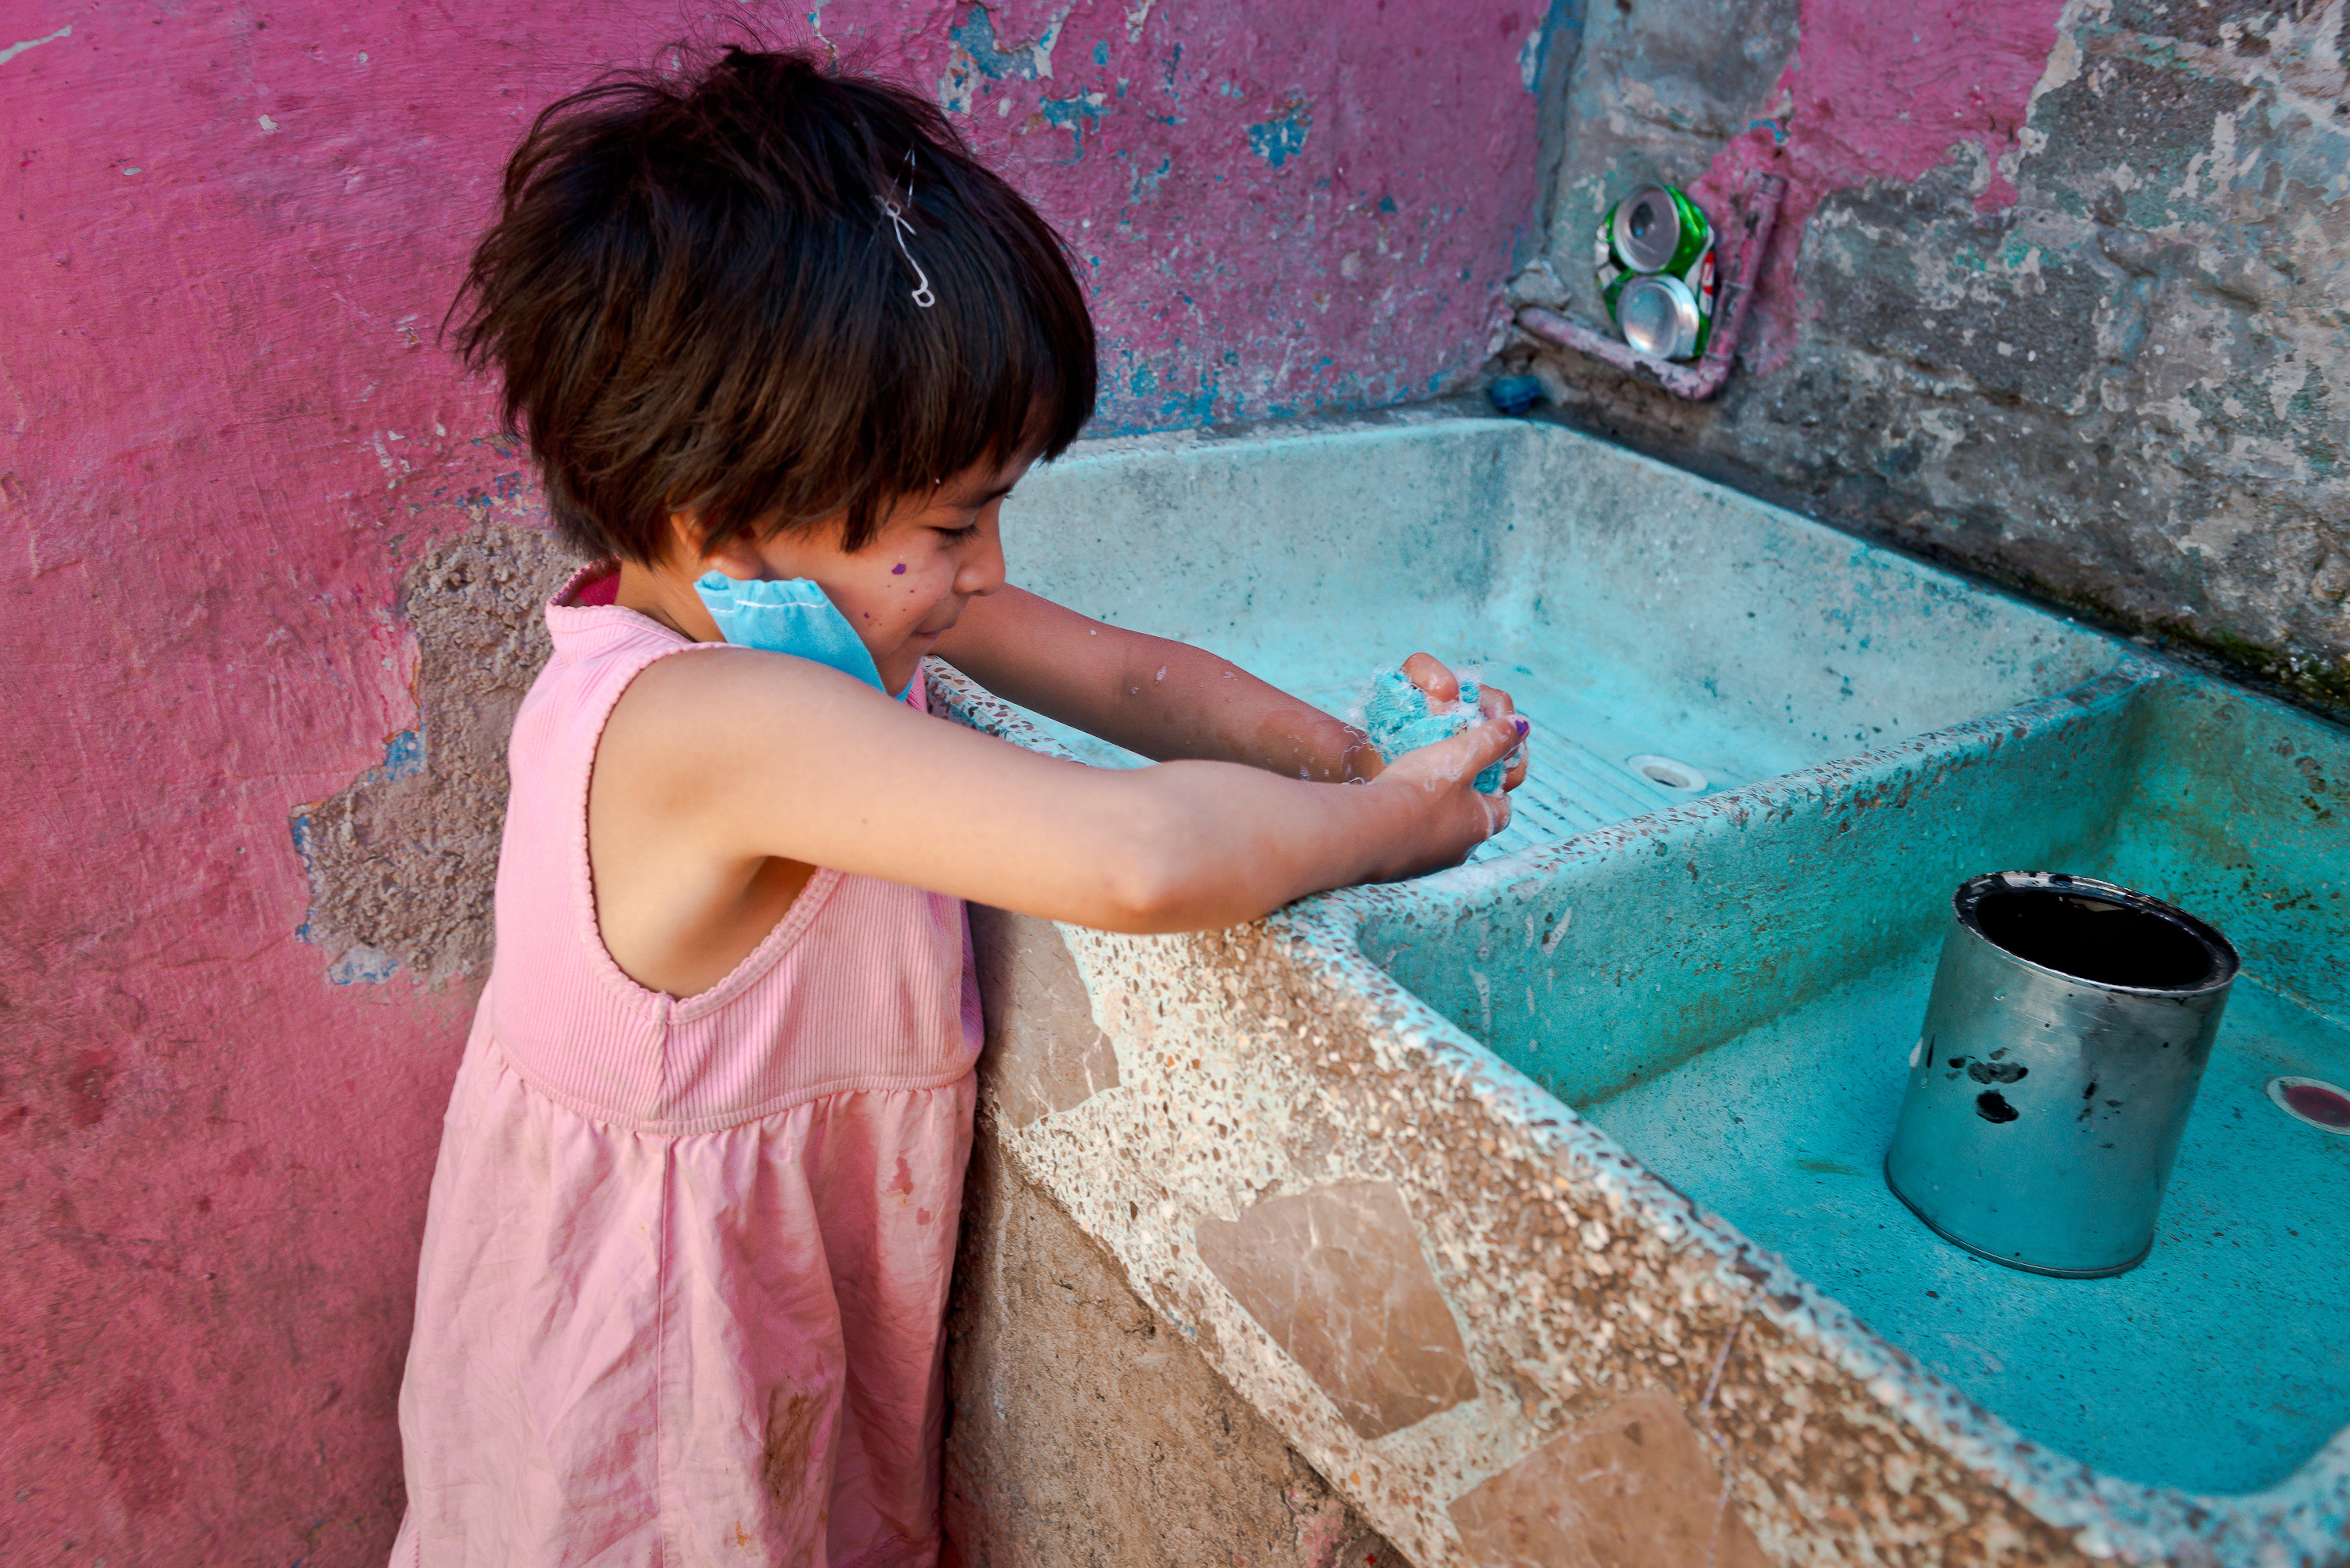 Una bambina si lava con cura le mani per proteggersi dal Covid